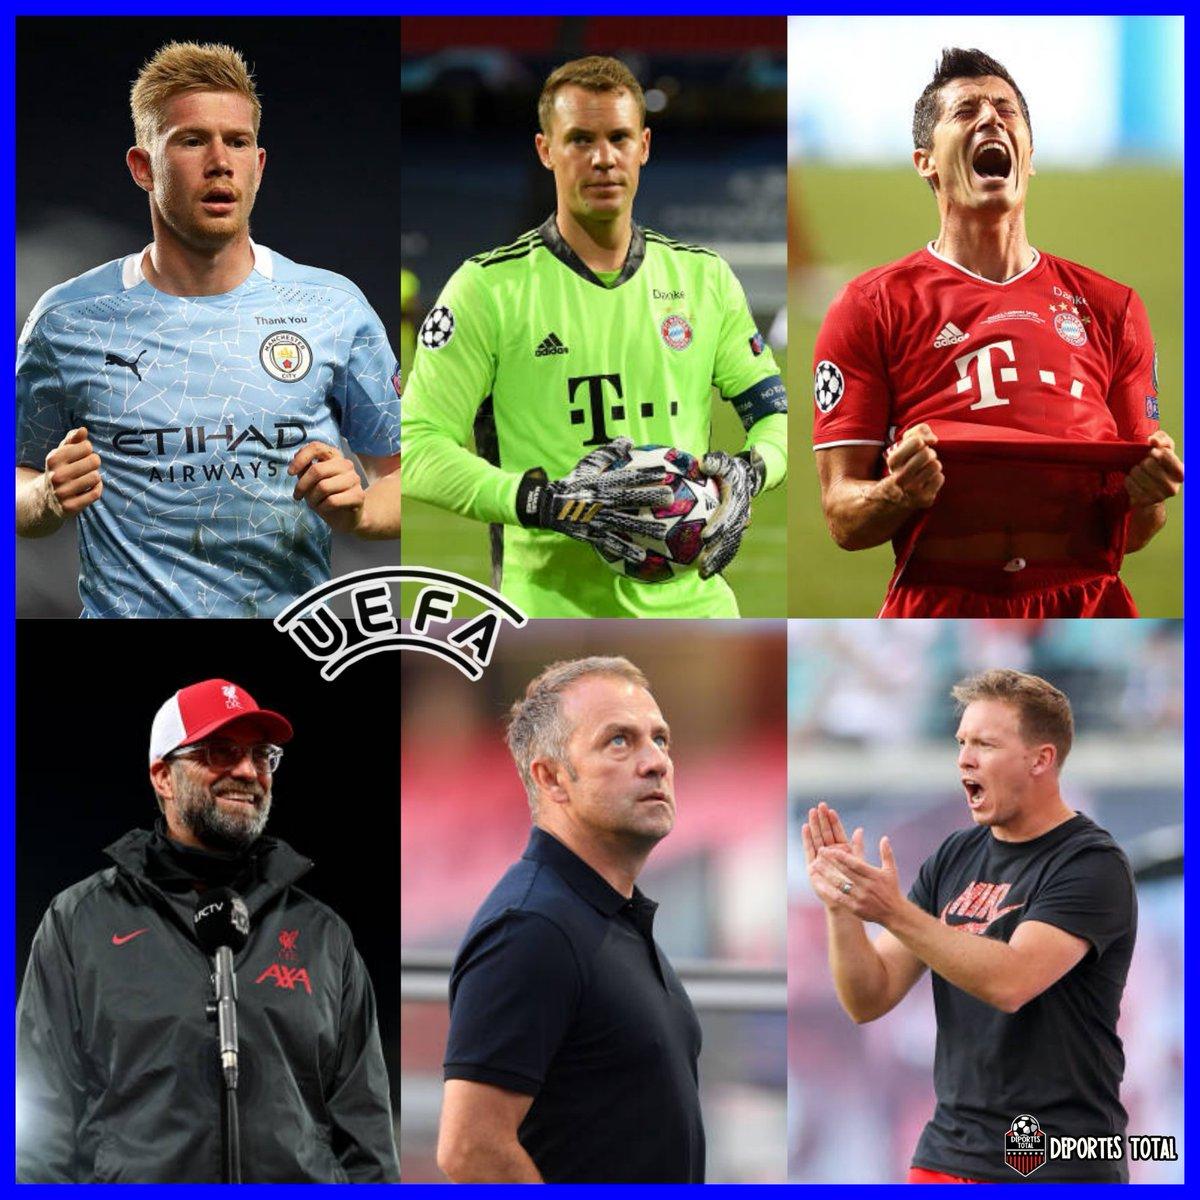 LISTOS LOS NOMINADOS🏅🙋  #UEFA 🌍 | Éstos son los nominados a jugador del año de la UEFA 2019/20:  🔸 Kevin De Bruyne 🔸 Robert Lewandowski 🔸 Manuel Neuer https://t.co/aPecPQZCoH